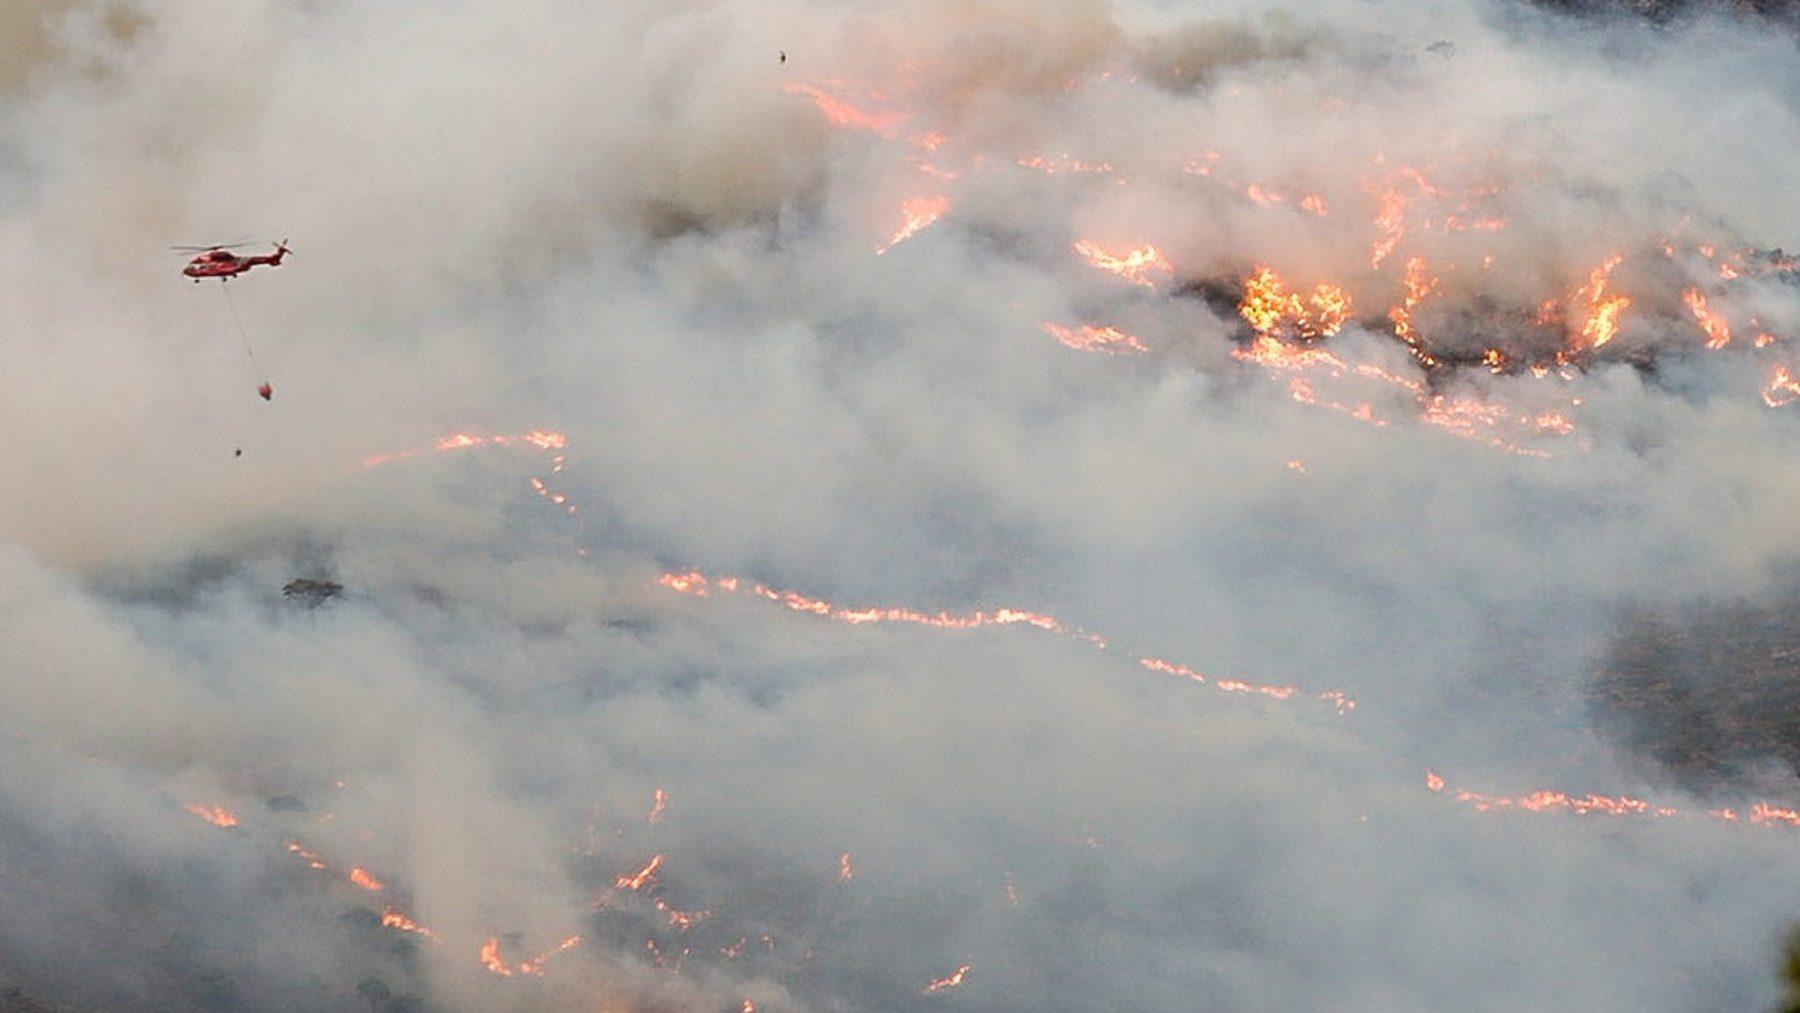 Un helicóptero sobrevuela el fuego desatado en Sierra Bermeja (ÁLEX ZEA / EUROPA PRESS). (1)